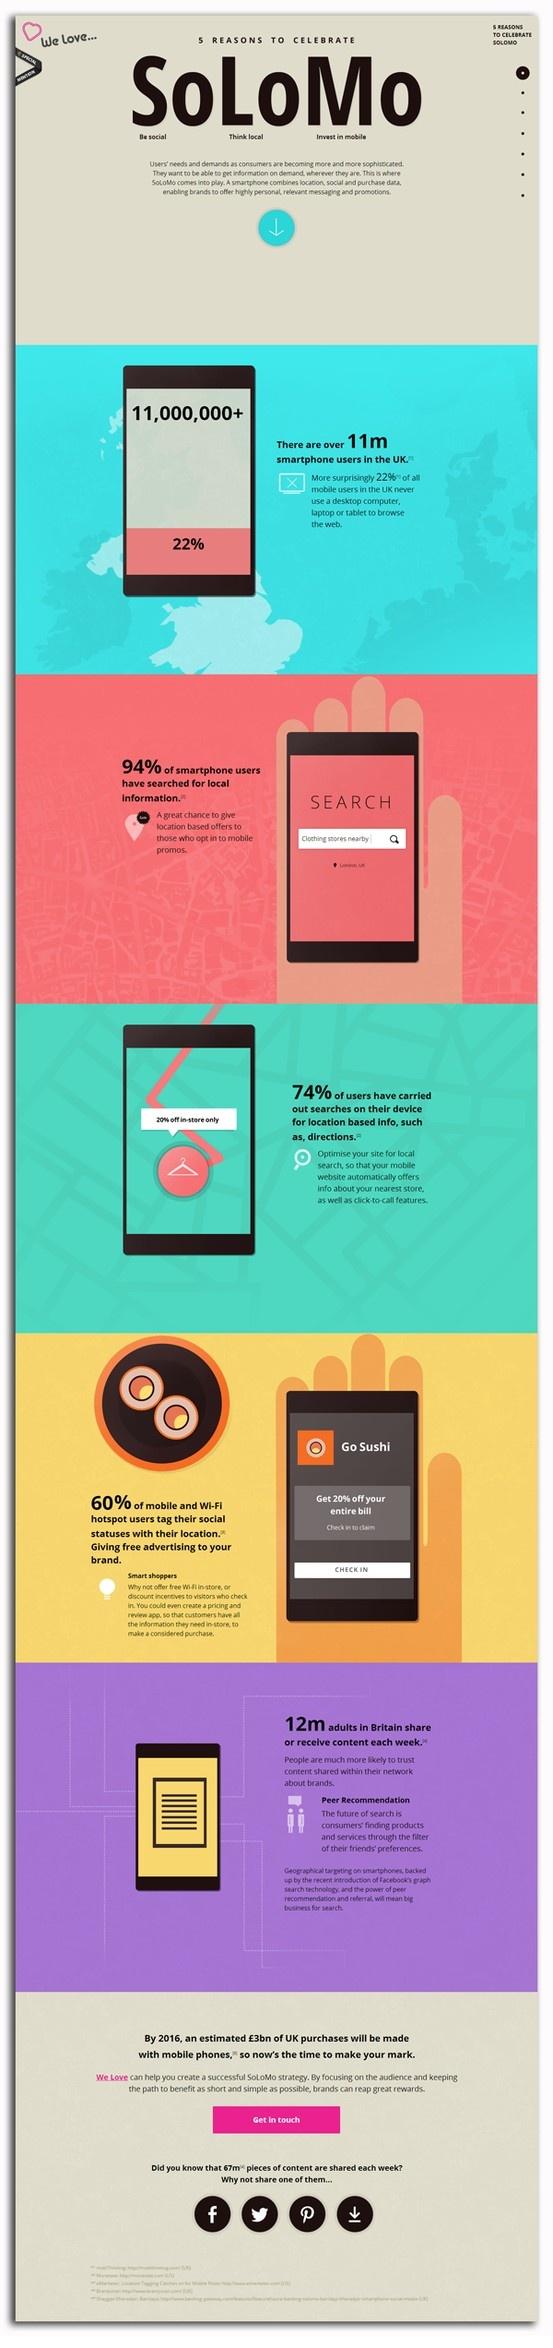 solomo.welovedigital.com Diseño: 3, Responsive 1, Navegación: 5 Contenido:4 Usabilidad: 5, Scroll:5+